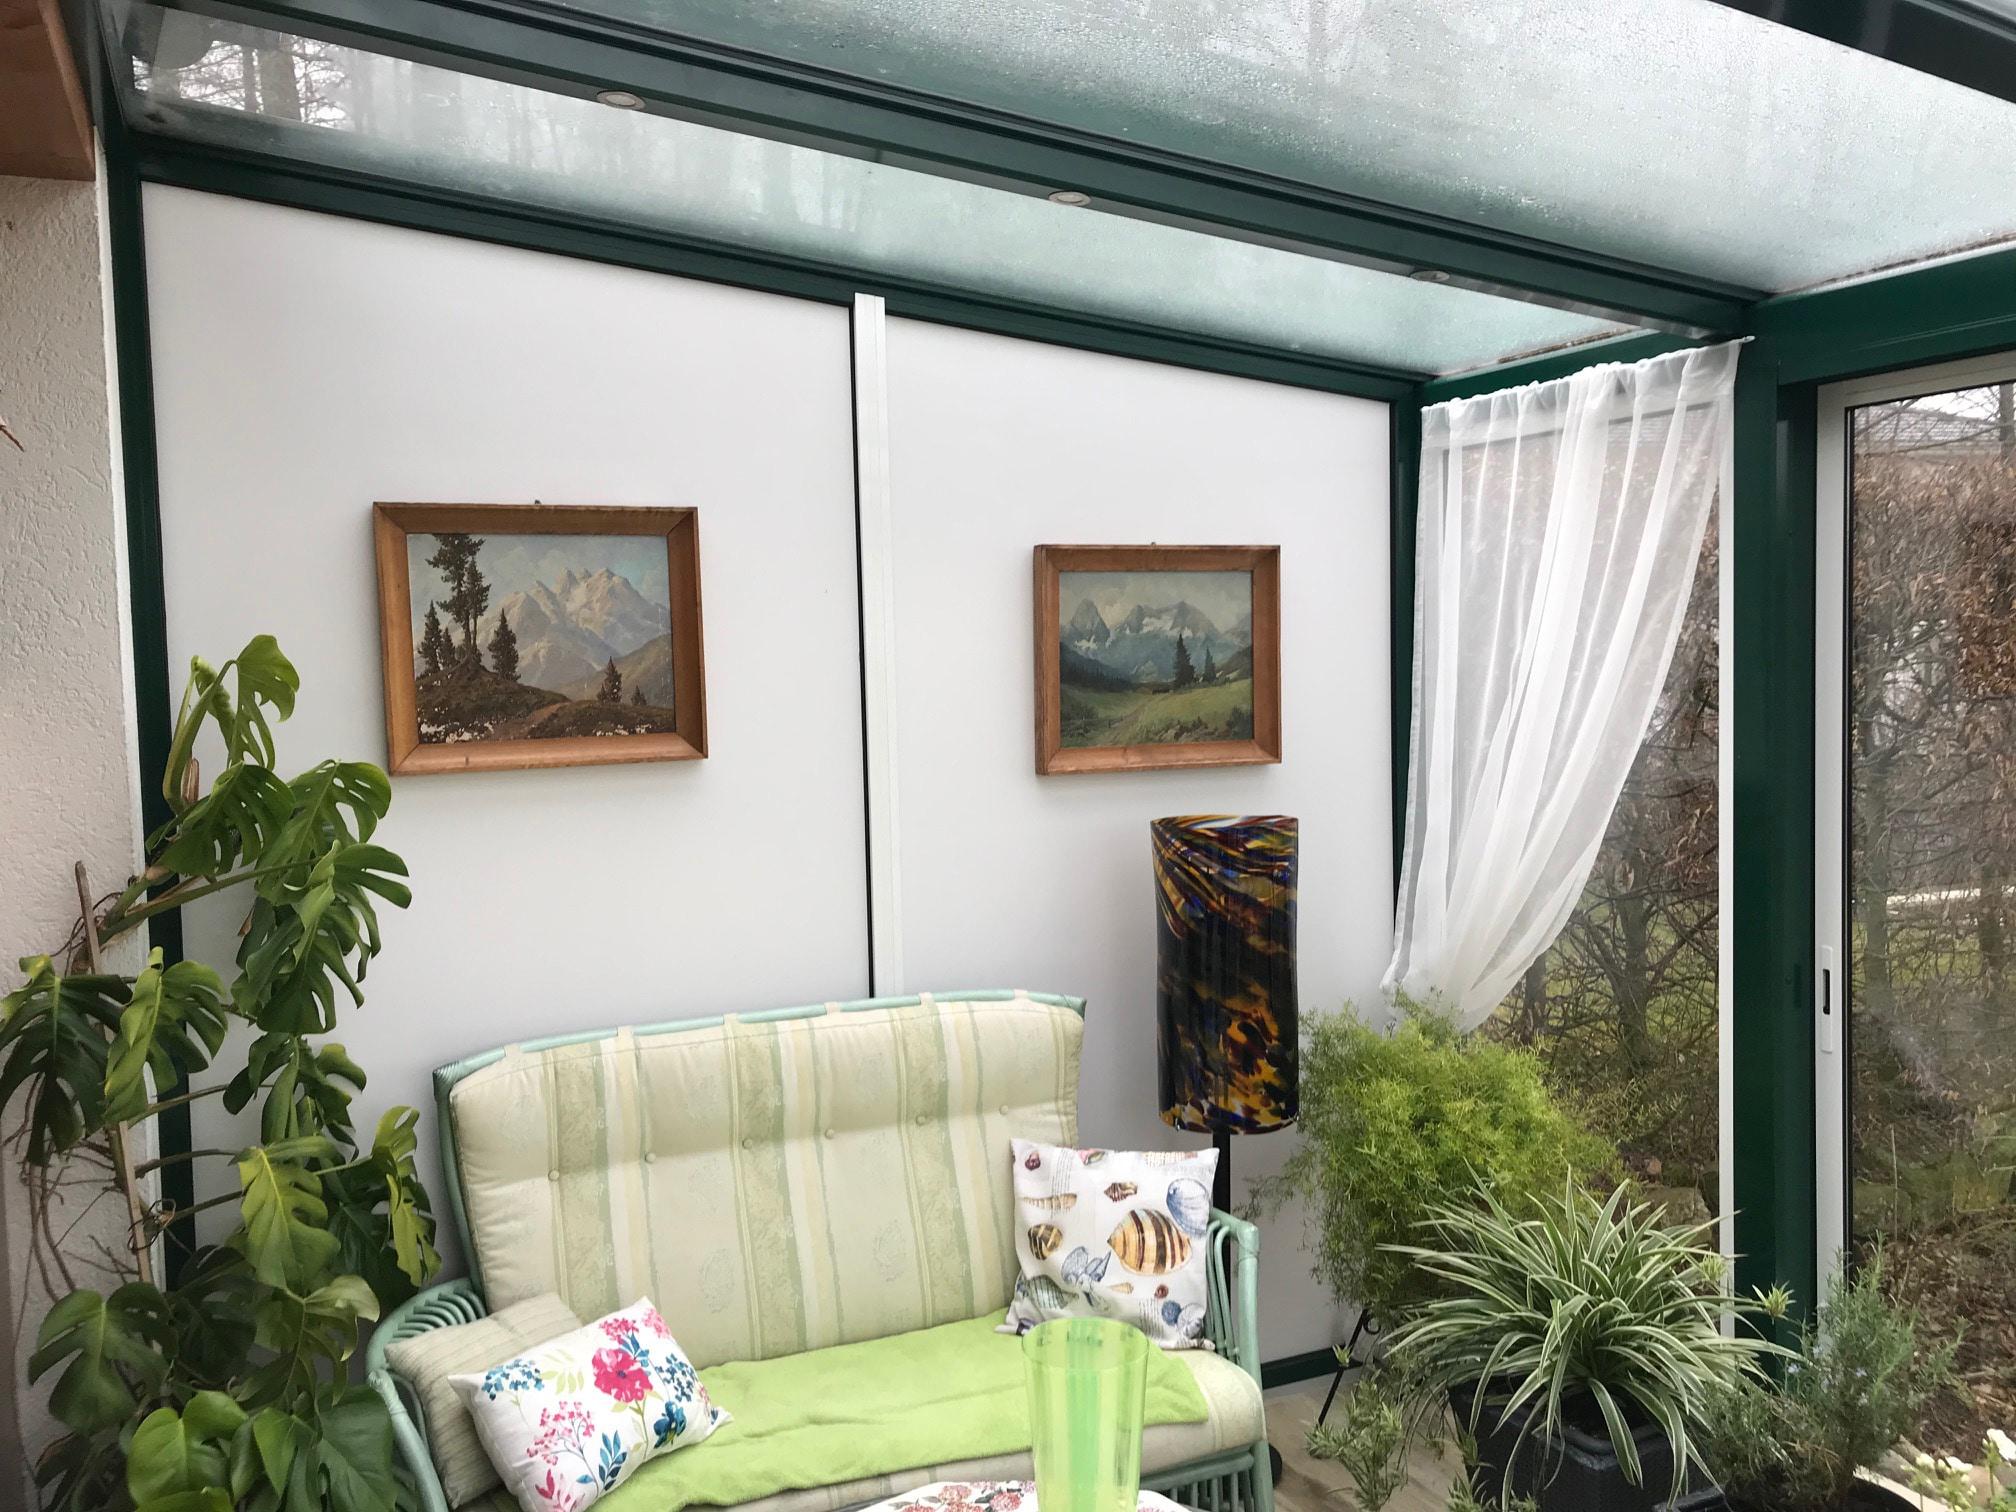 Wintergarten mit integrierter Beleuchtung im Sparren